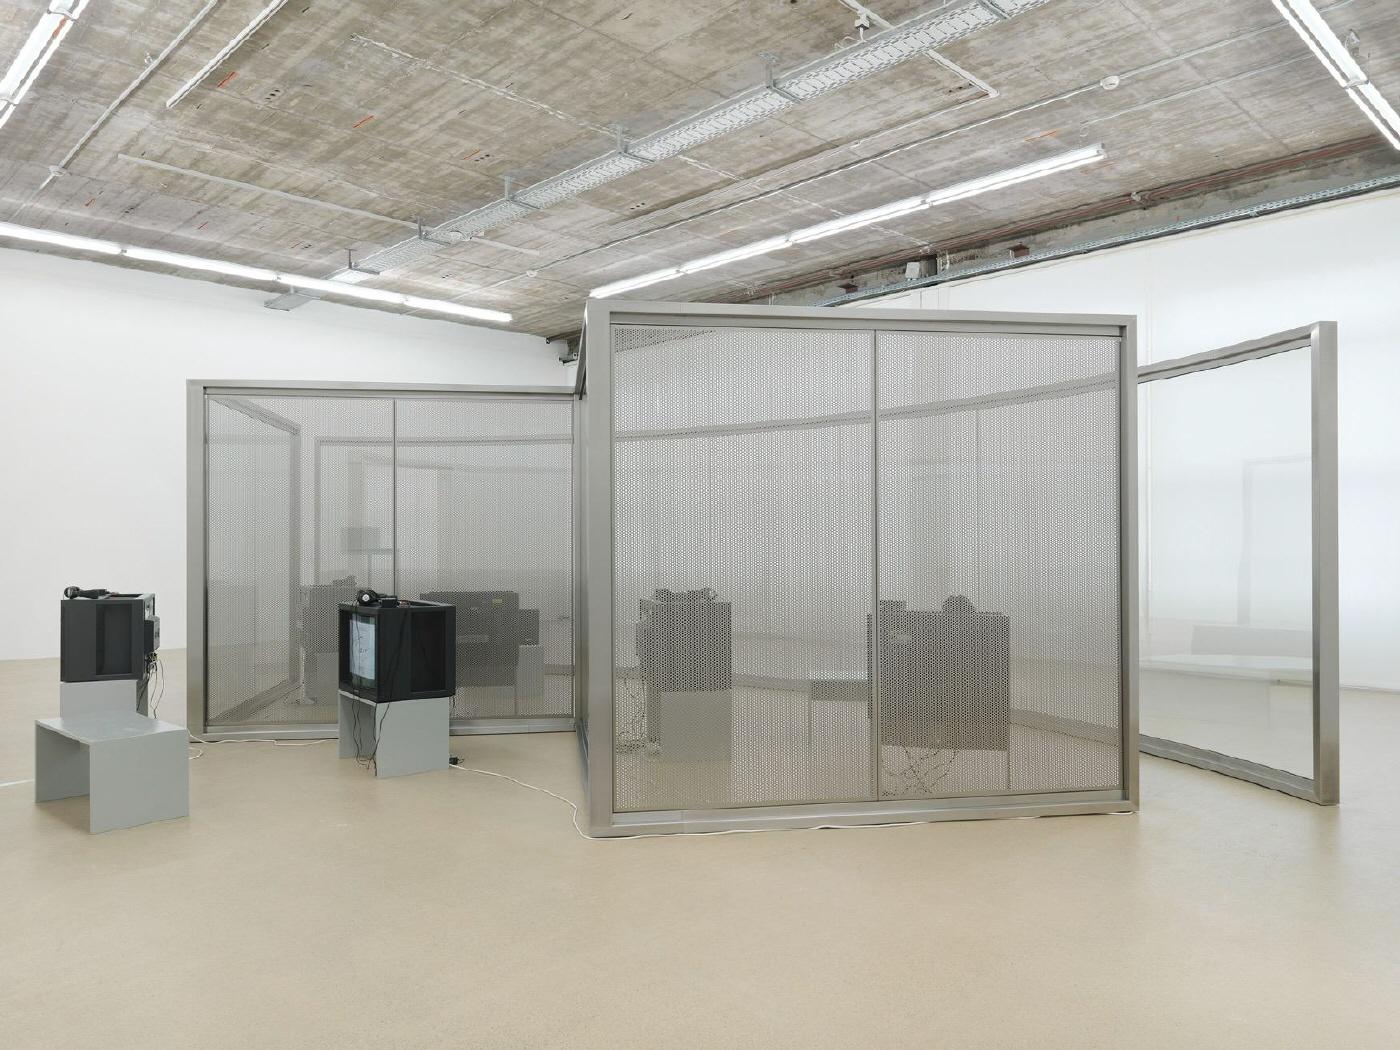 Pavilion For Showing Rock Videos/Films (Design I), 2012